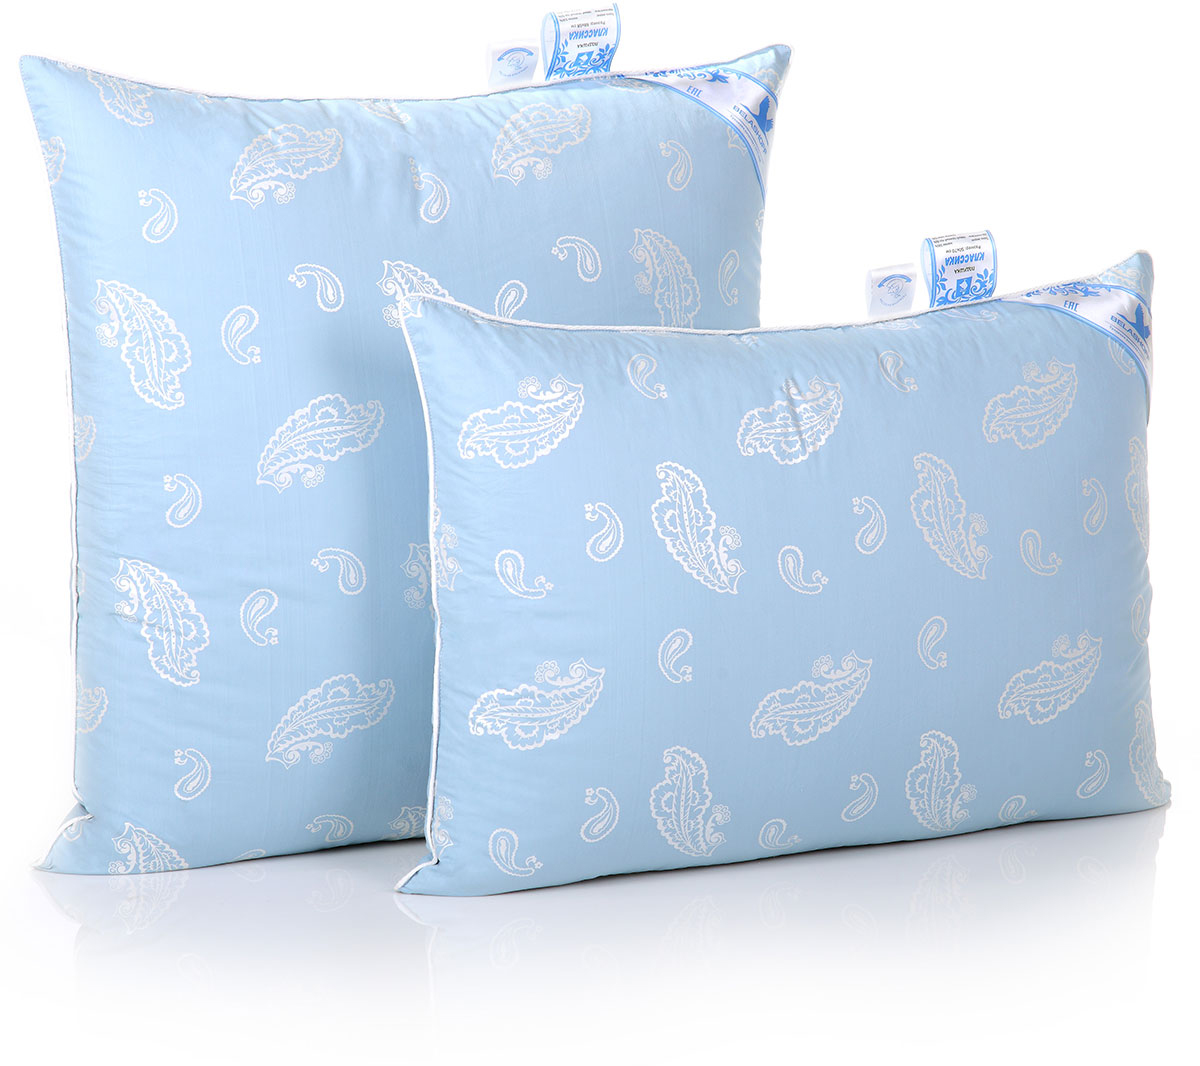 Подушка Belashoff Классика, средняя, цвет: голубой, 50 х 70 смПП 2 - 2 СКоллекция Классика — удачный пример качественных постельных принадлежностей с наполнителем, сочетающим гусиный пух и перо. Именно пух обеспечивает идеальную циркуляцию воздуха внутри изделия, а перо увеличивает его пластичность и упругость. Правильный уход позволяет сохранить эластичность наполнителя и продлить срок службы изделия.